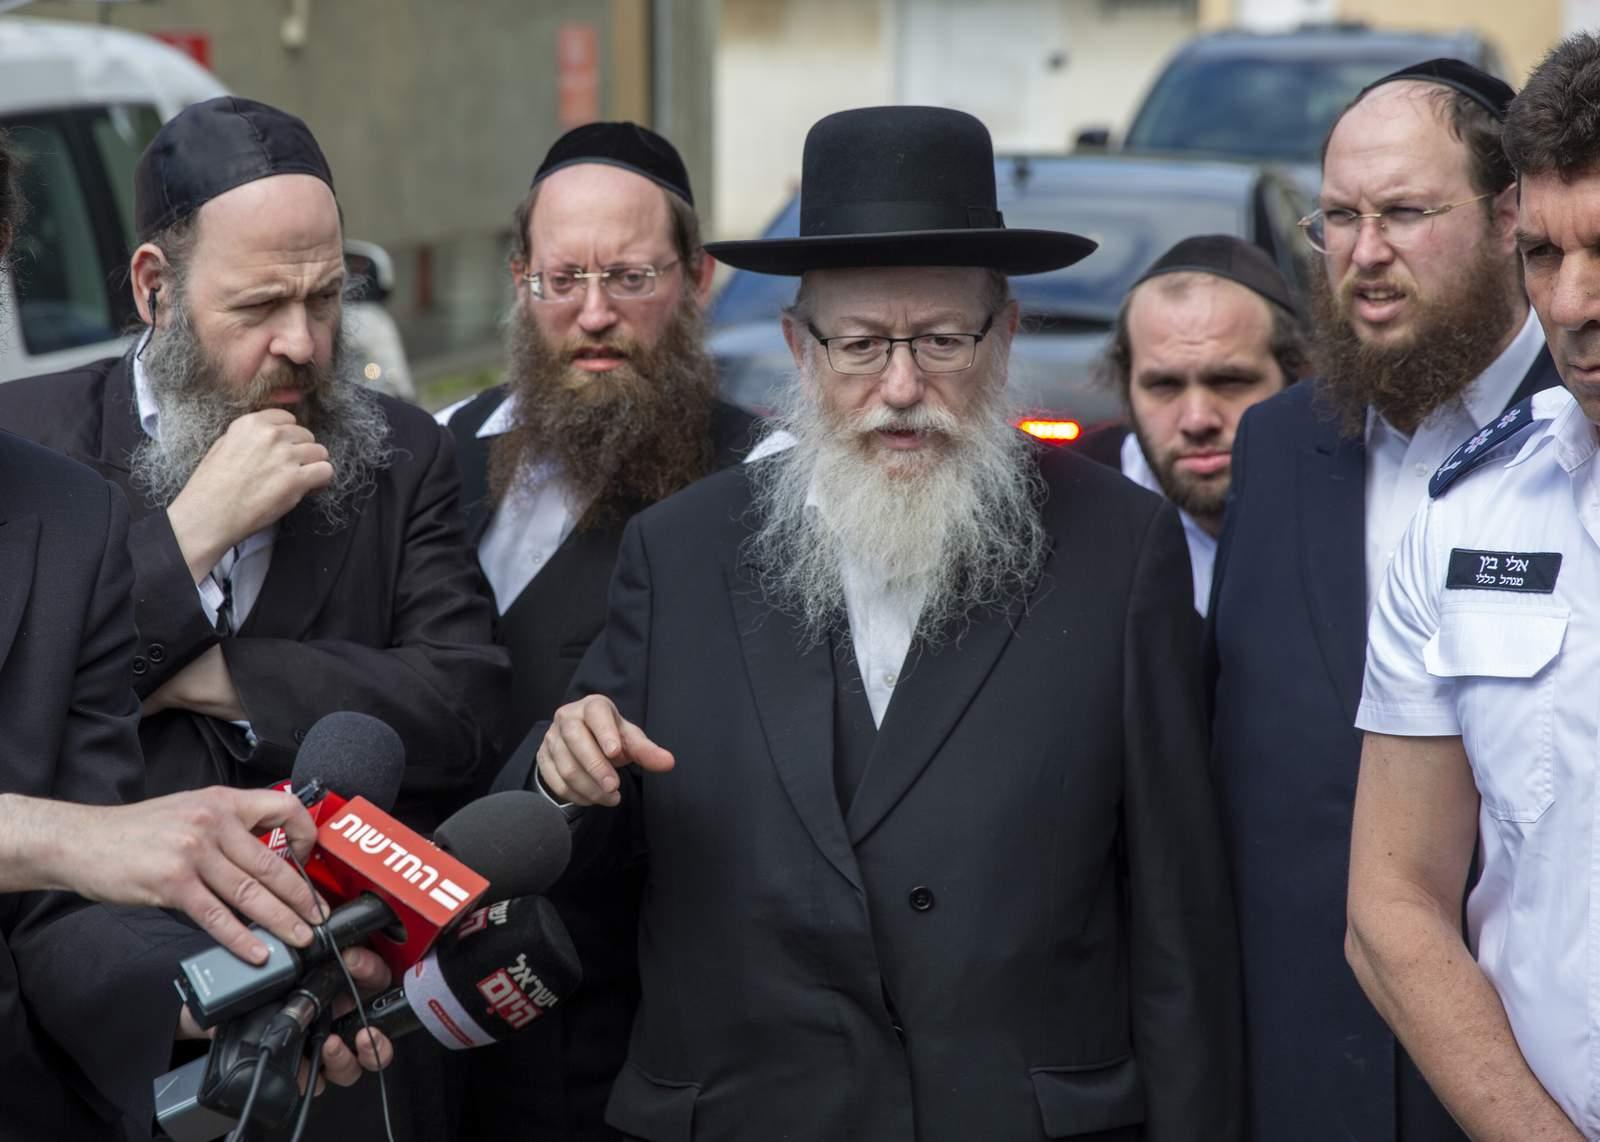 El ministro de salud de Israel tiene virus y altos funcionarios para aislar 40